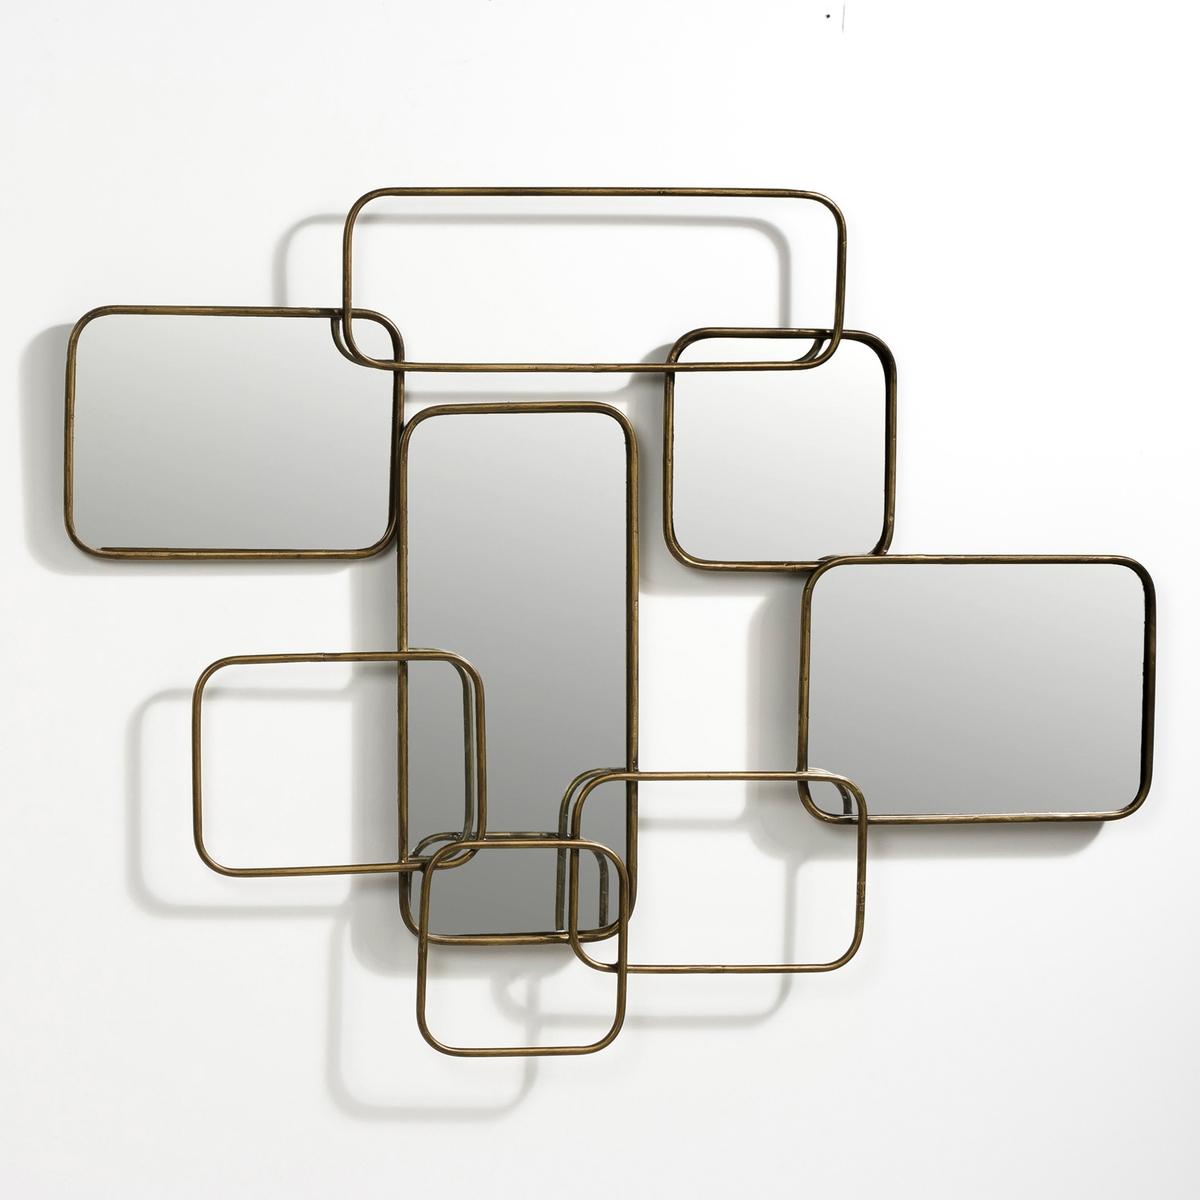 Зеркало настенное, Дл.85 x Выс.45 см, D?daleЭто настенное зеркало, состоящее из 4 спаянных зеркал в металлической оправе, добавит в Ваш интерьер графичную нотку в стиле 50-х годов.. Кронштейны для крепления на стену. Д.85 x Г.4 x В.45 см.<br><br>Цвет: отделка под старину